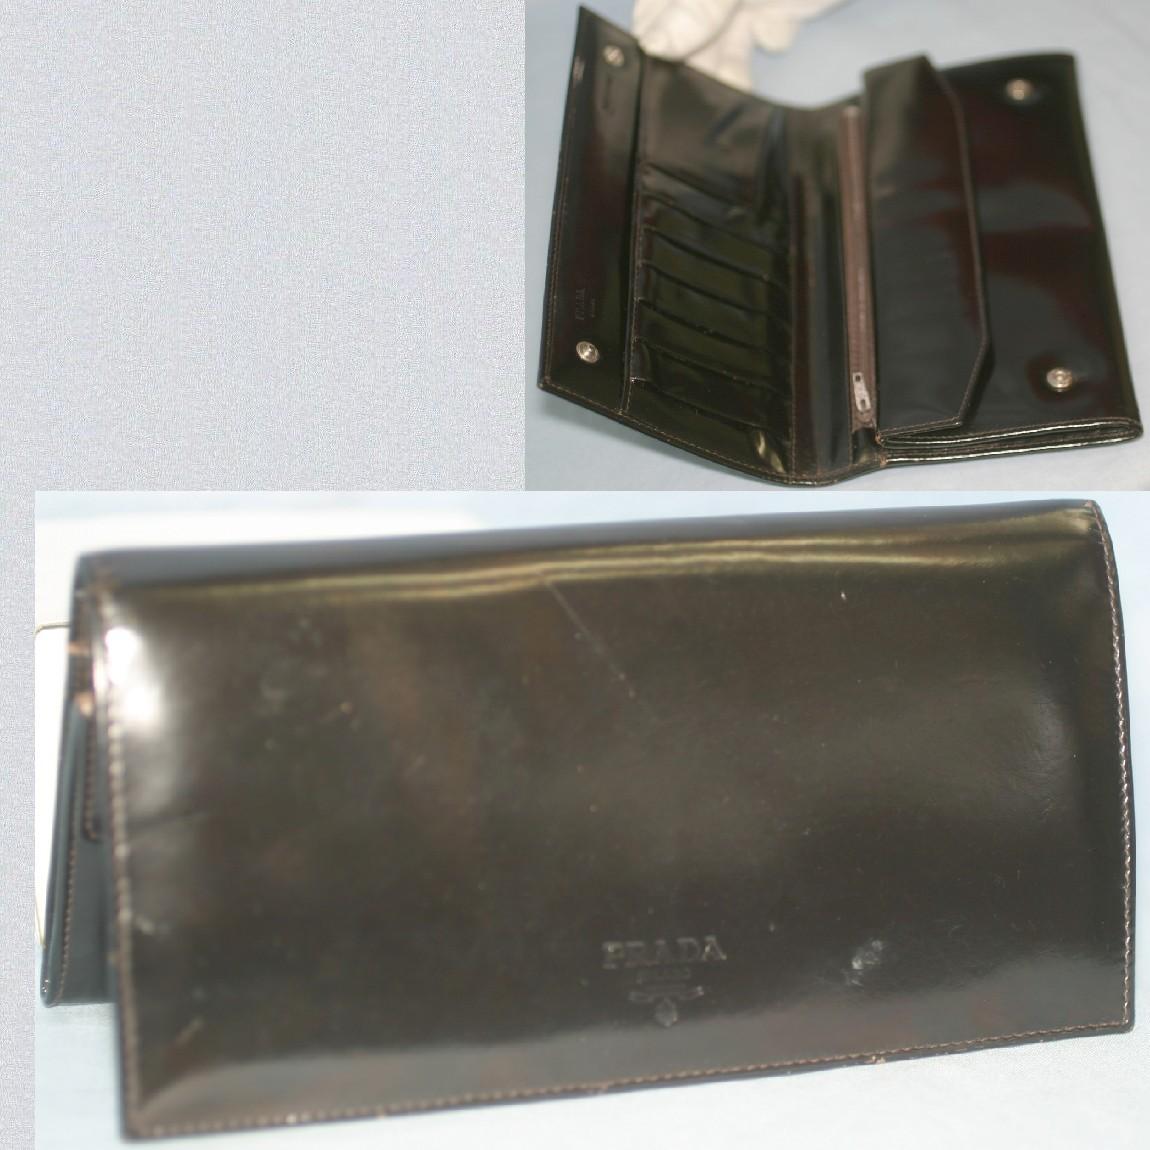 【中古】本物プラダ女性用黒いマスターカーフ素材21センチ大きめ財布カード用ポケット7個、ホック式小銭入れ、札入あり